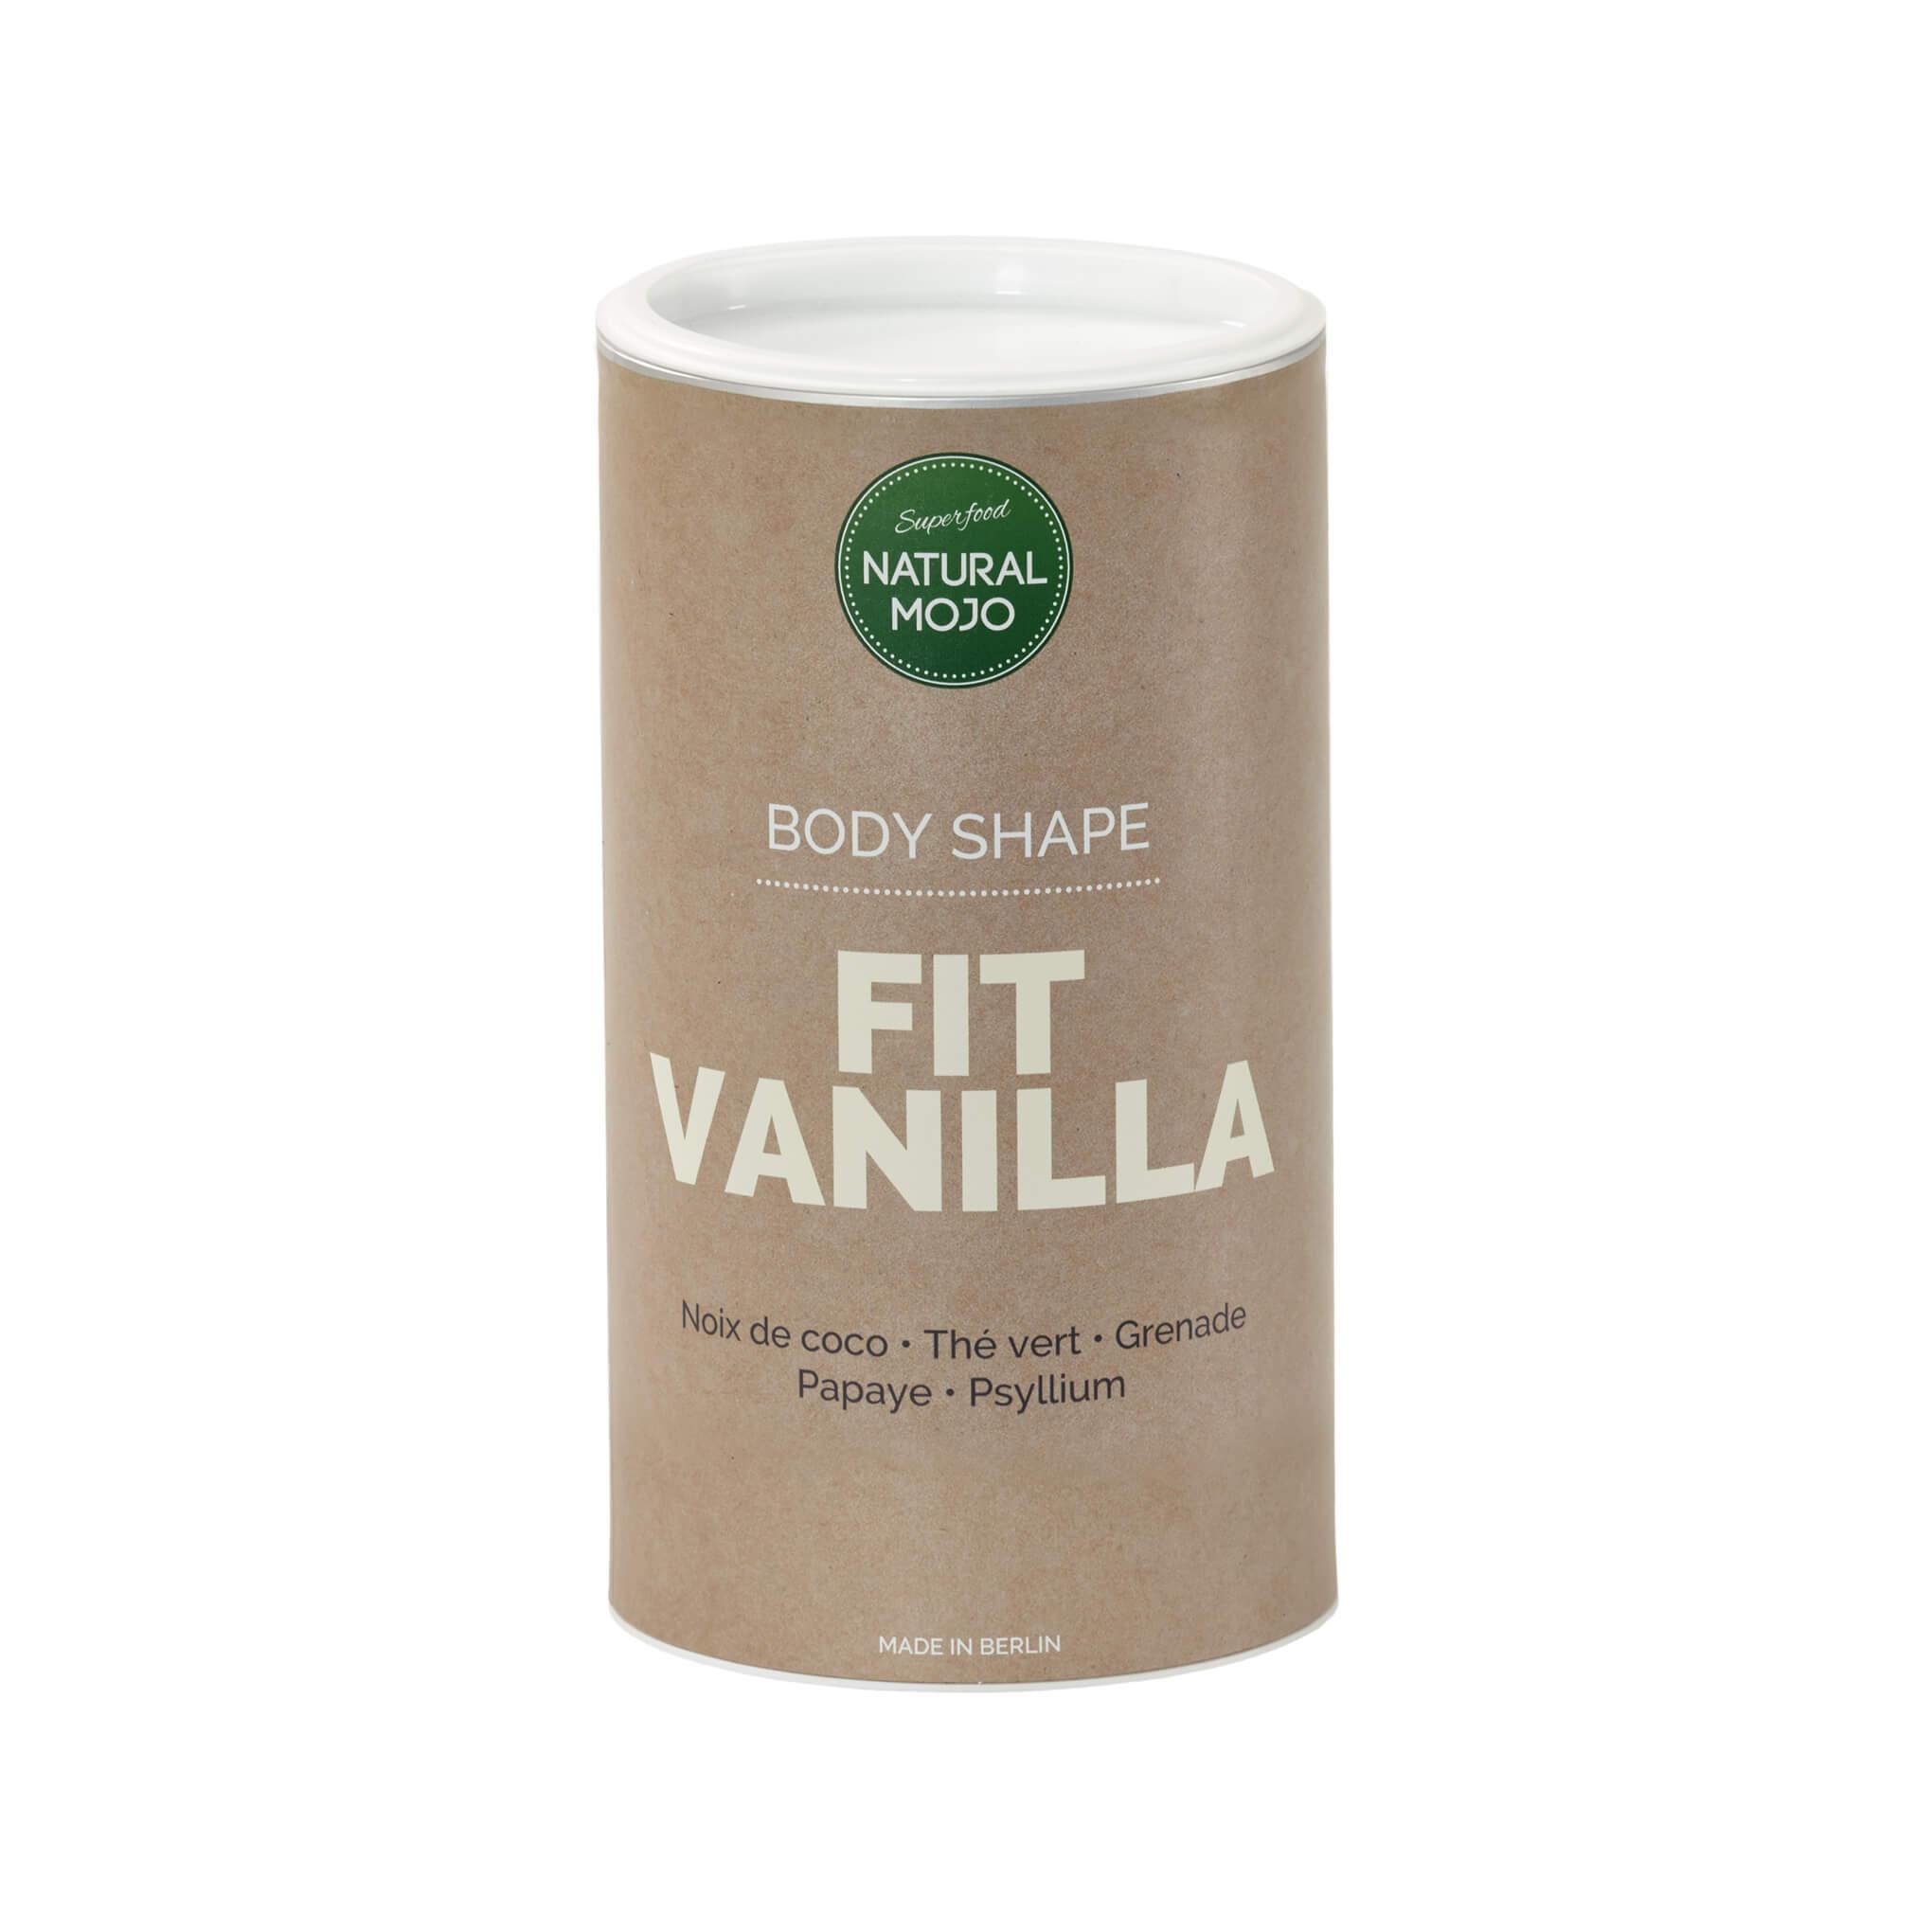 fit-vanilla-fr_2040x2040